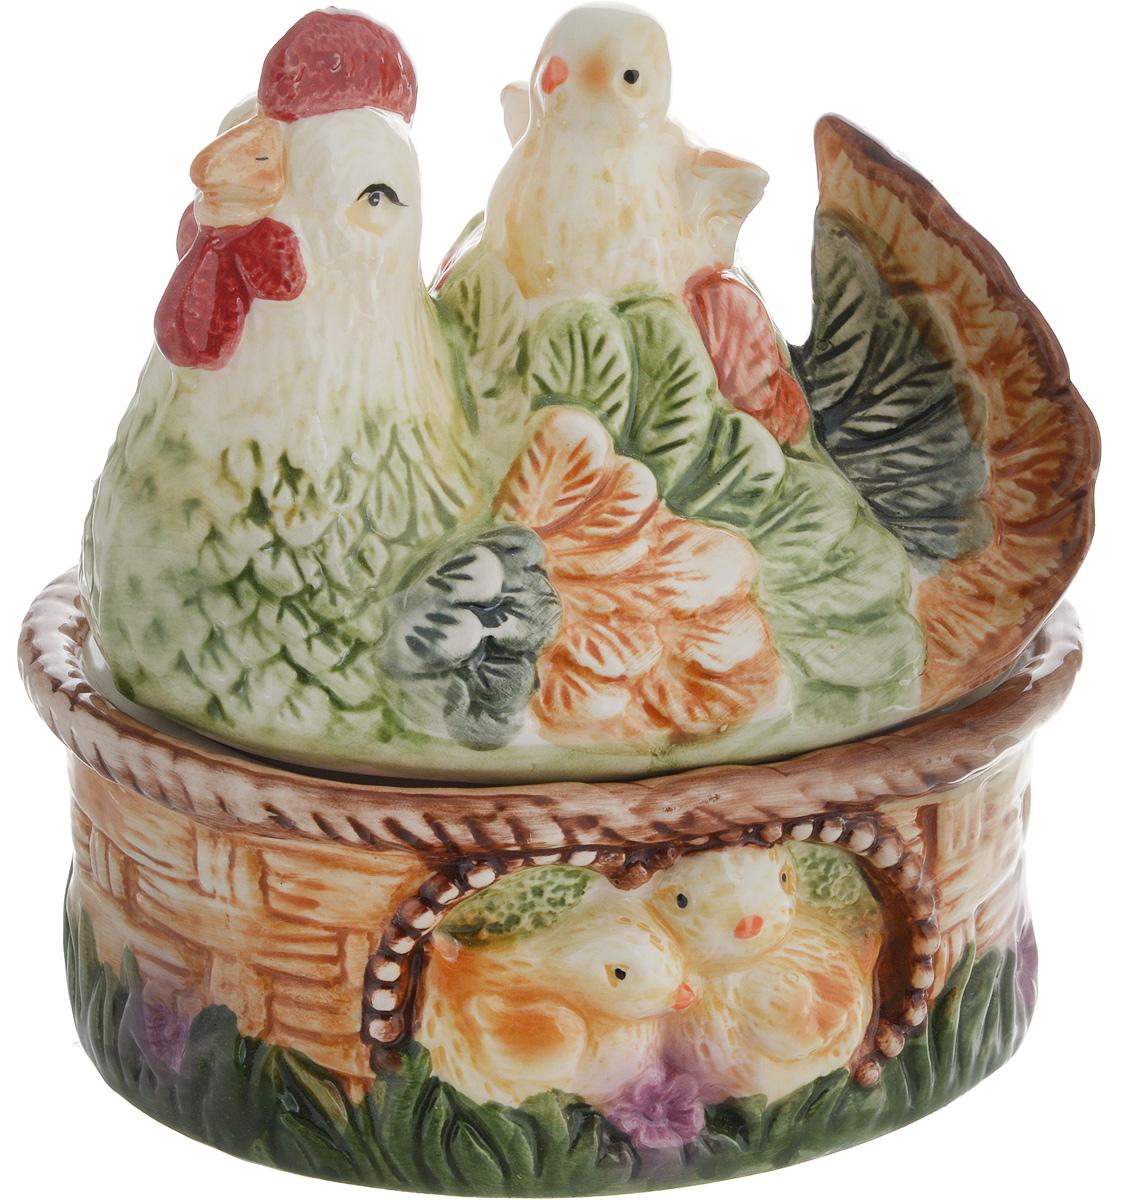 Емкость для сыпучих продуктов Win Max Курочка, 15 х 13 х 15 см14044Емкость для сыпучих продуктов Win Max изготовлена из высококачественной керамики и оформлена рельефным рисунком. Изделие дополнено крышкой, которая выполнена в виде фигурки курицы с цыпленком.Оригинальный дизайн украсит интерьер вашей кухни, а функциональность порадует любую хозяйку. Размеры емкости (без учета крышки): 15 х 12 х 6 смВысота крышки: 10,5 см